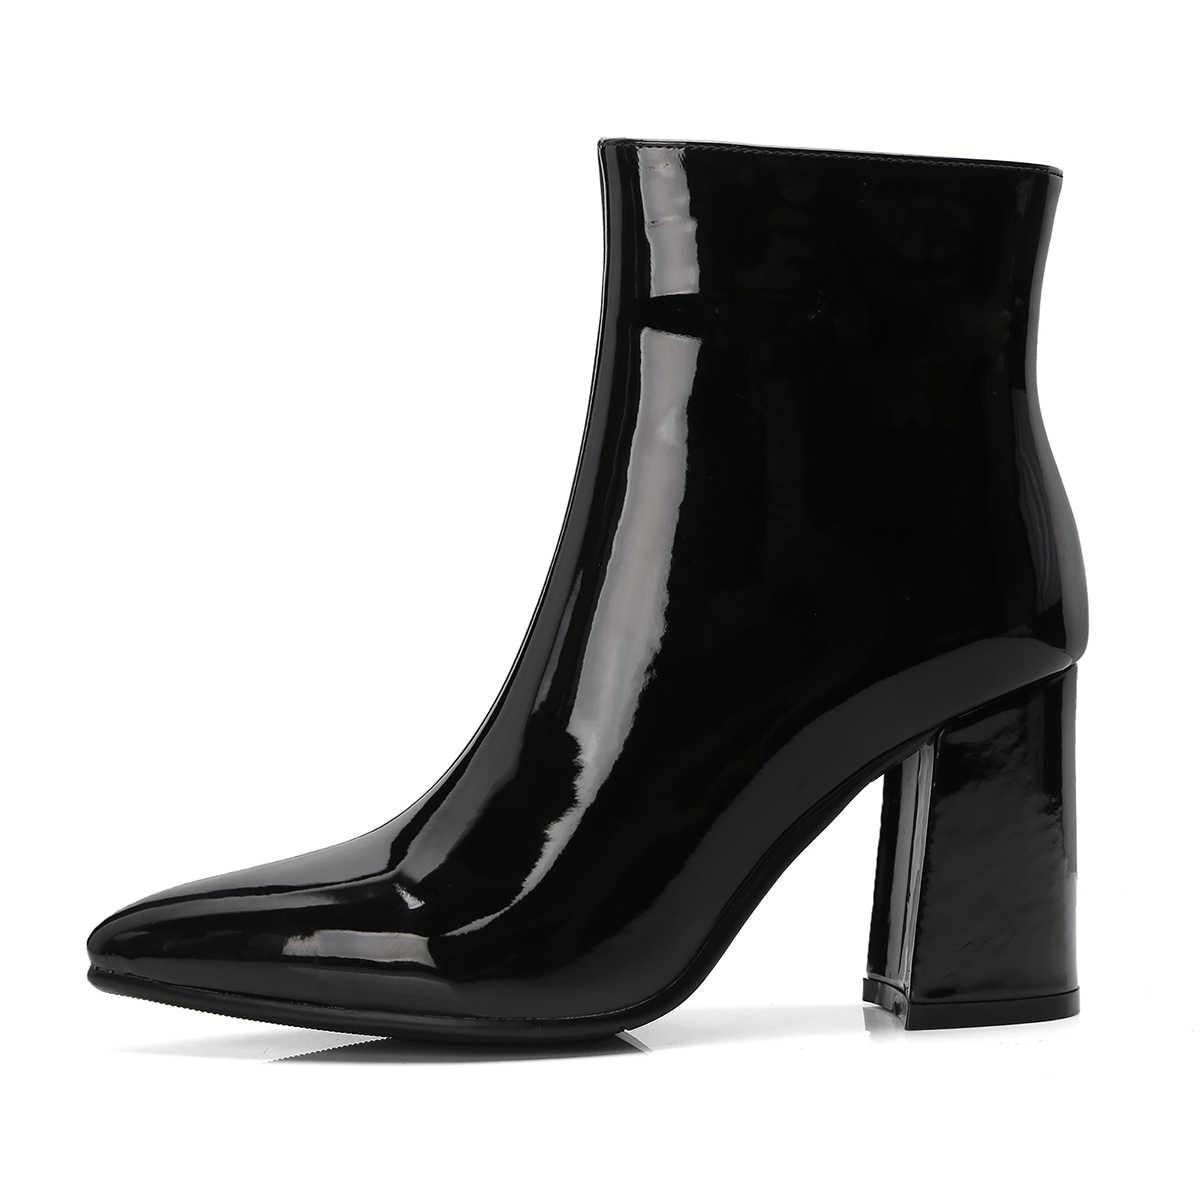 Moda Patent Deri yarım çizmeler Kadın Kare Yüksek Topuk Bayan Botları Seksi Fermuar Çizmeler Sivri Burun Sonbahar Kış Ayakkabı 2018